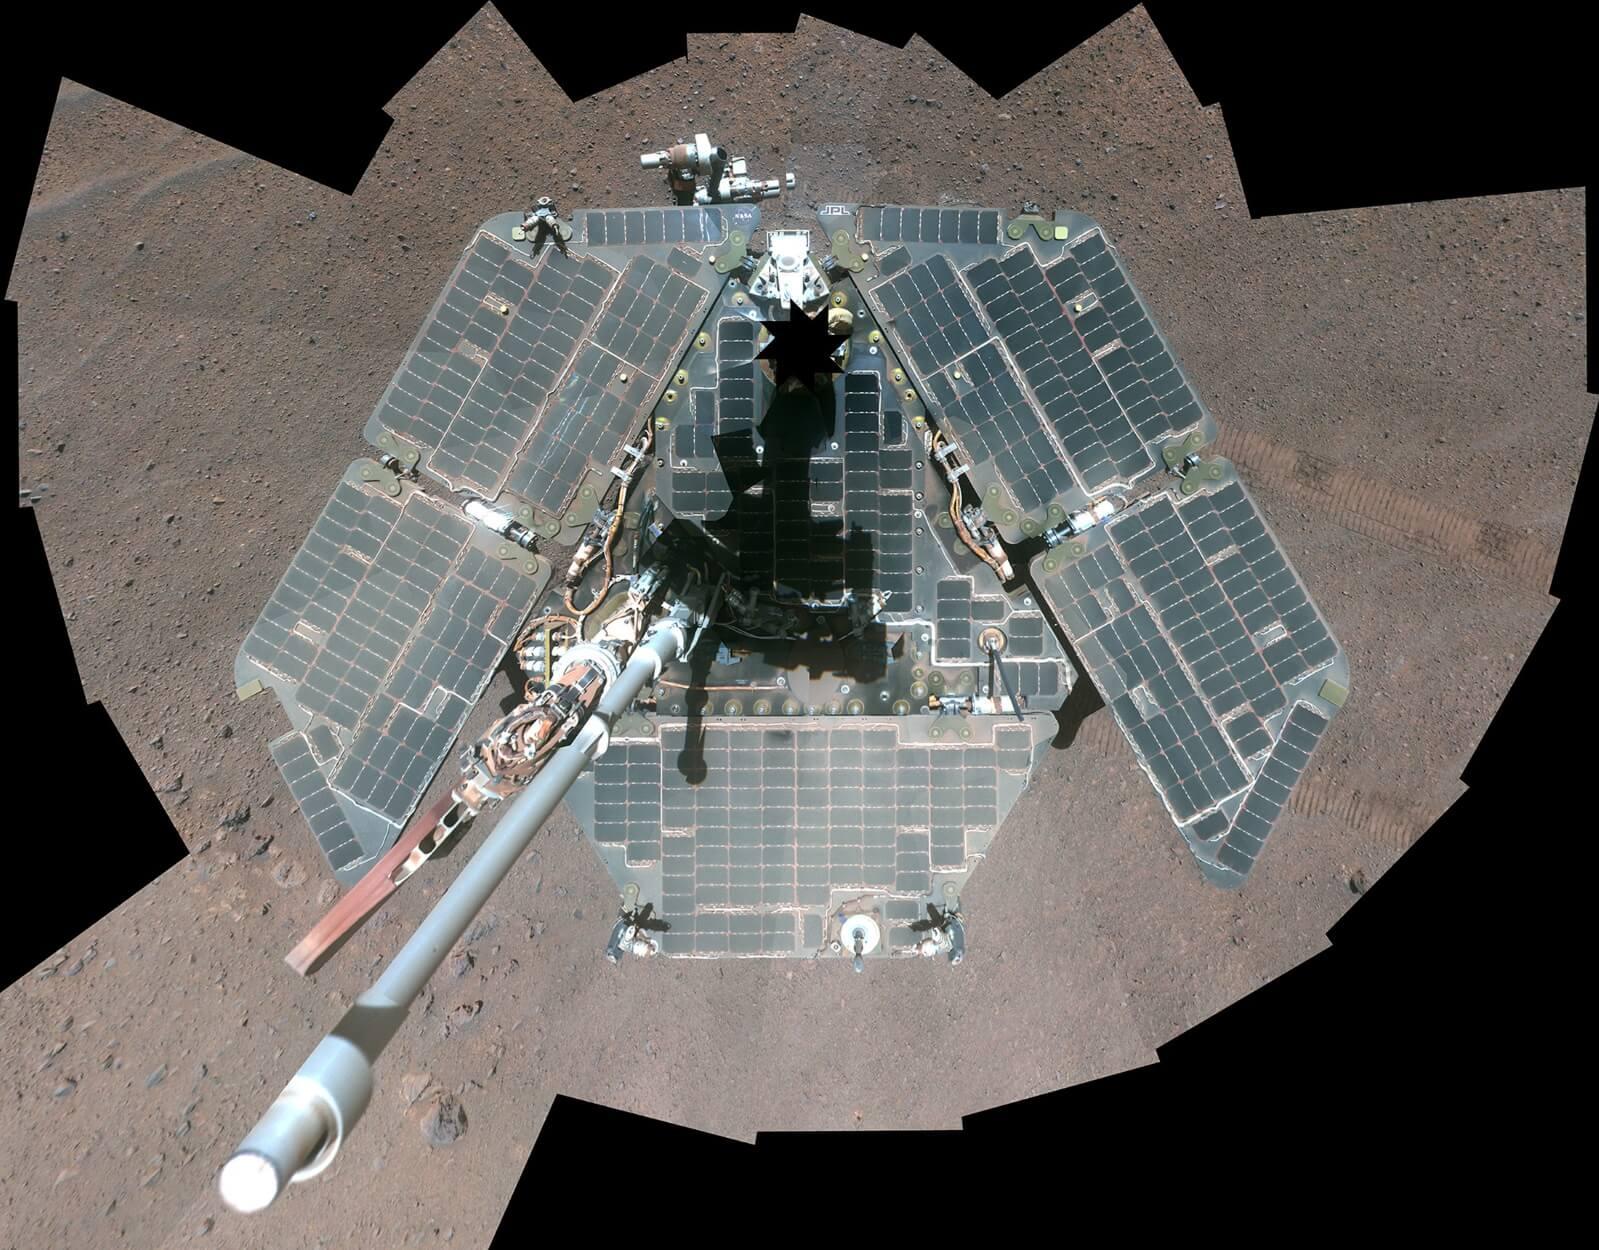 NASA: Αποχαιρέτησε το... άβαταρ της ανθρωπότητας στον κόκκινο πλανήτη - video